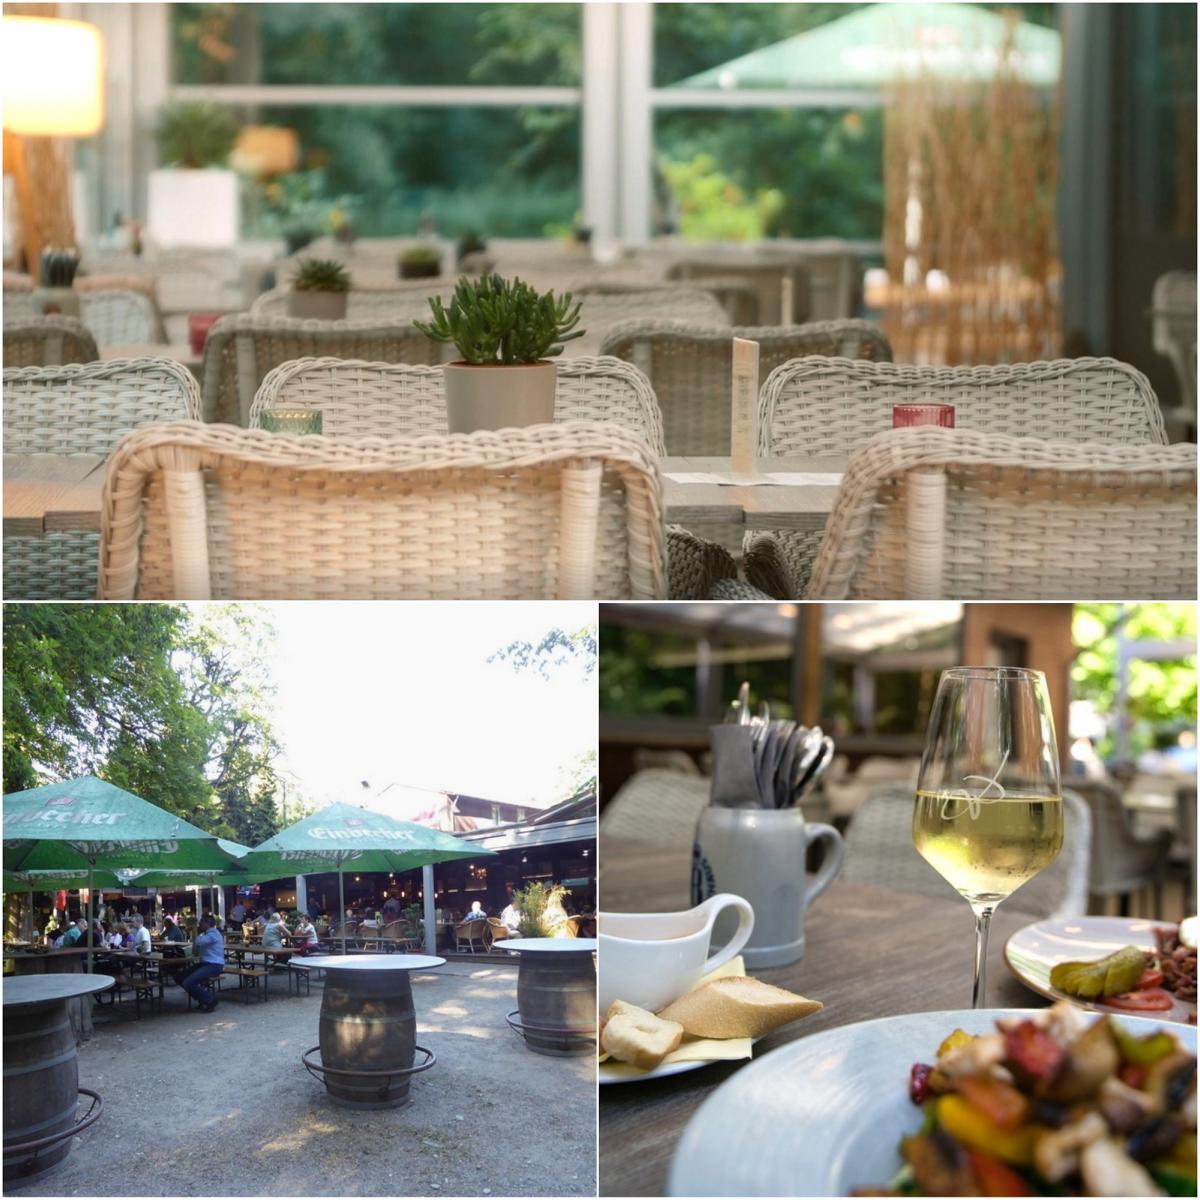 palmiye terrassenueberdachung gastronomie bischofshol 13 - Terrassenüberdachung Restaurant BISCHOFSHOL